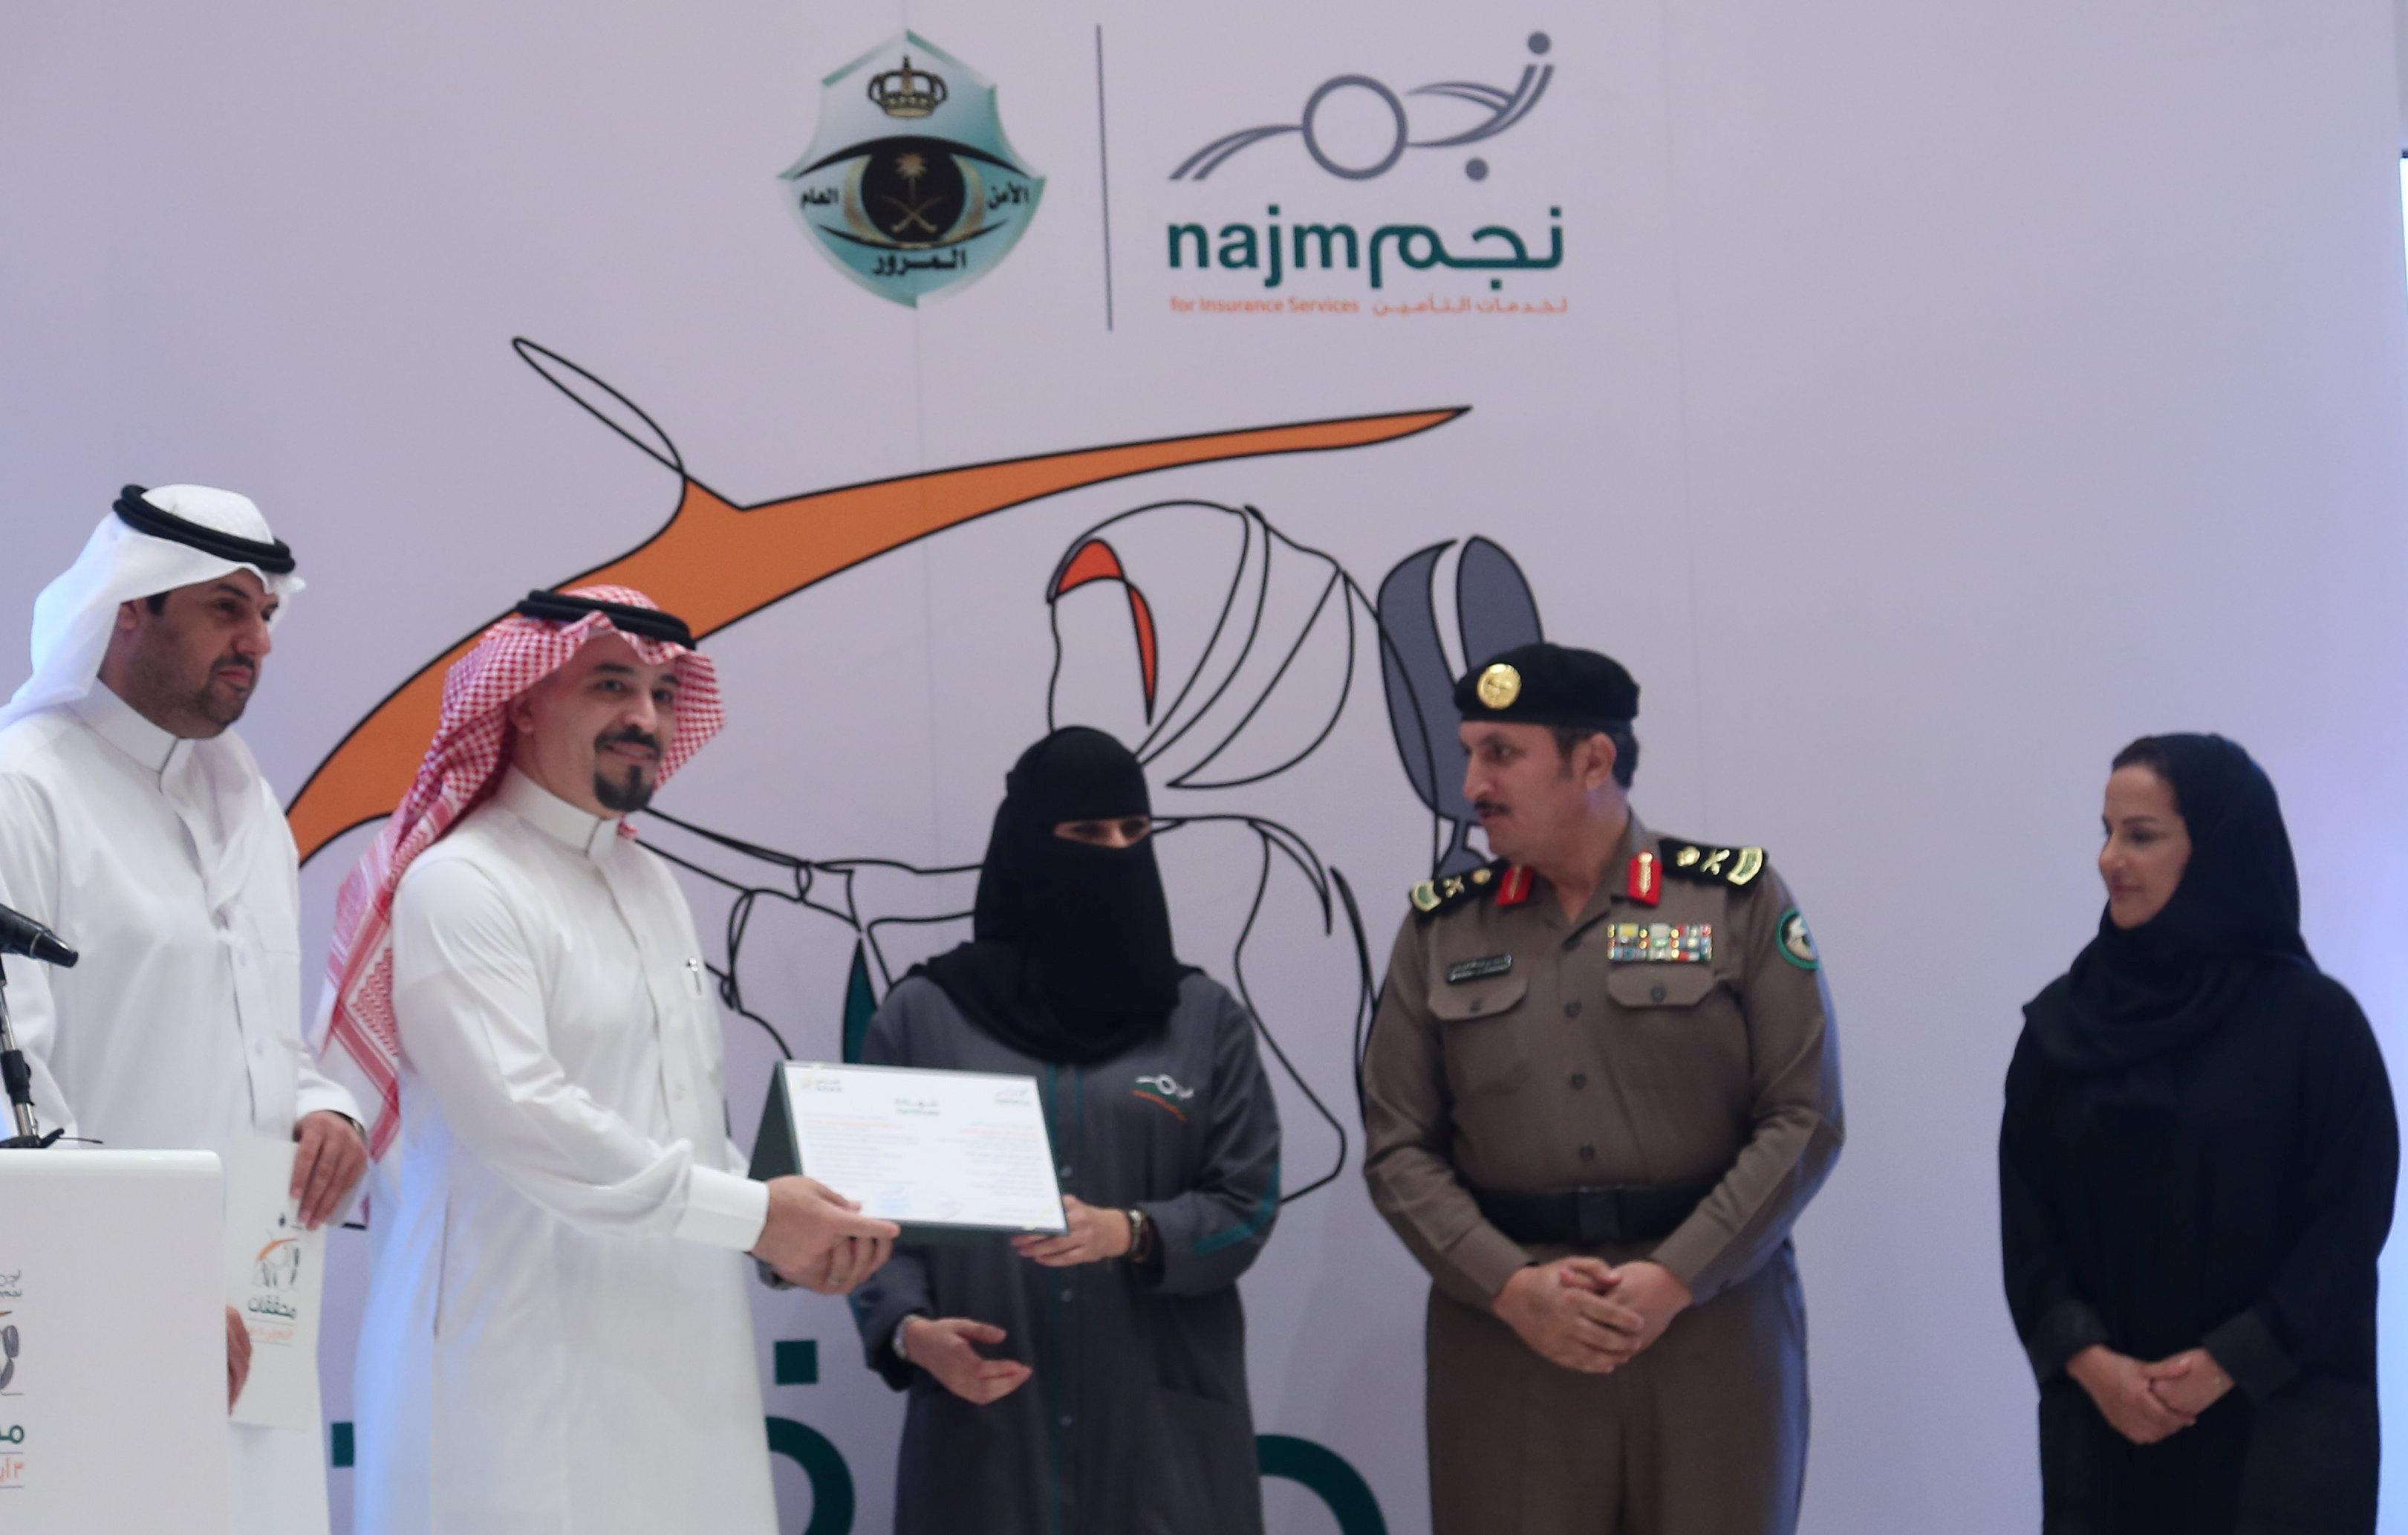 تسليم إحدى المشاركات شهادة تخرج